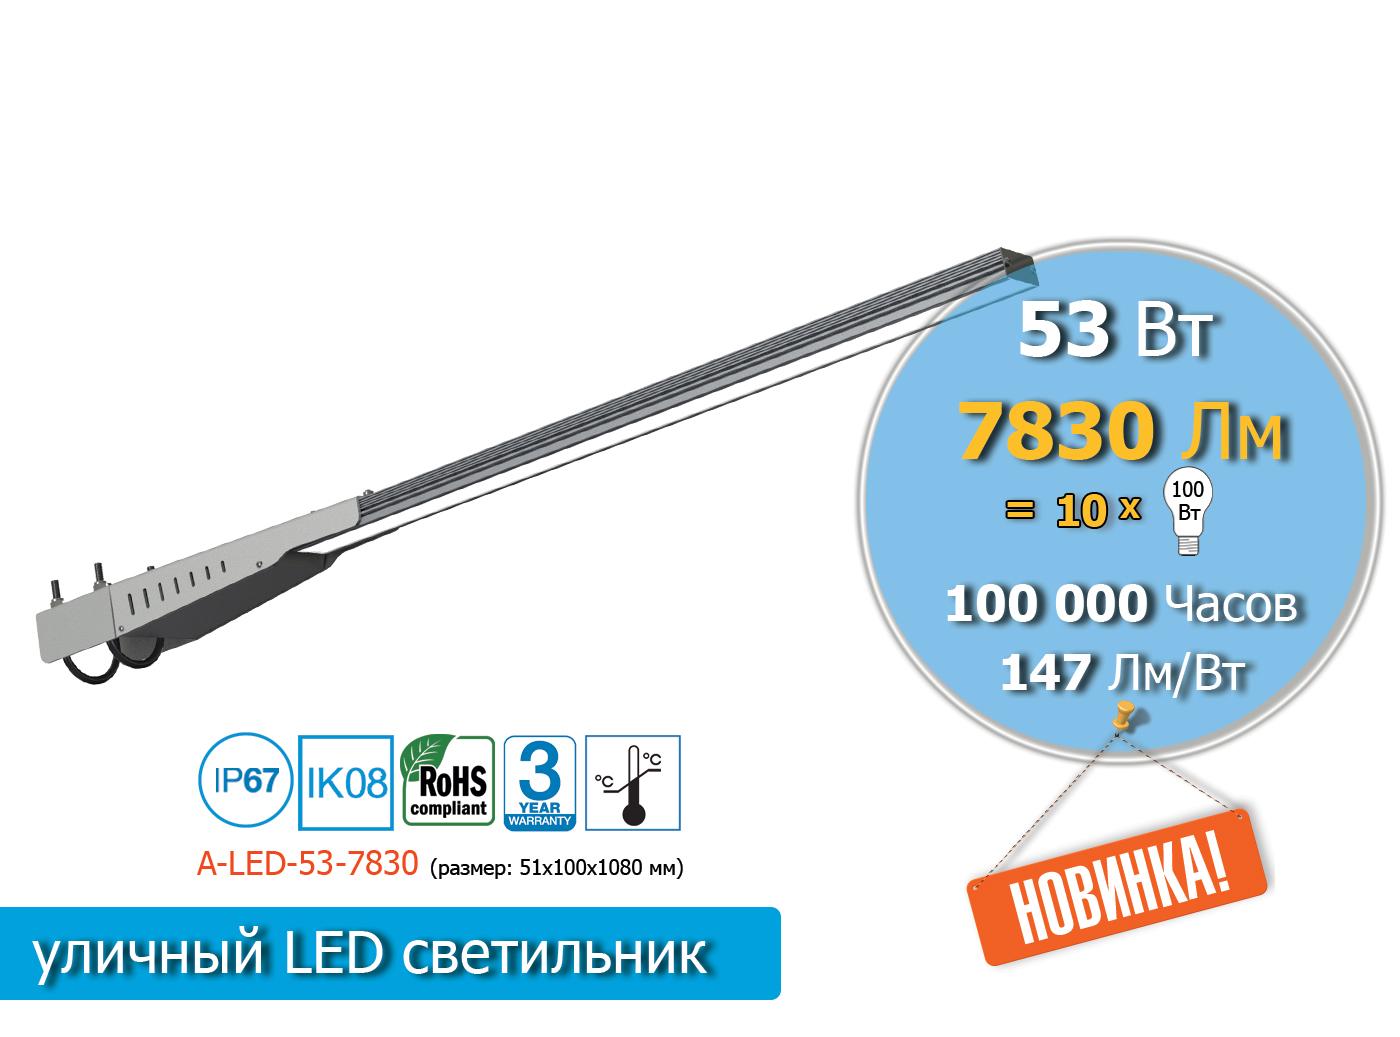 A-LED-53-7830